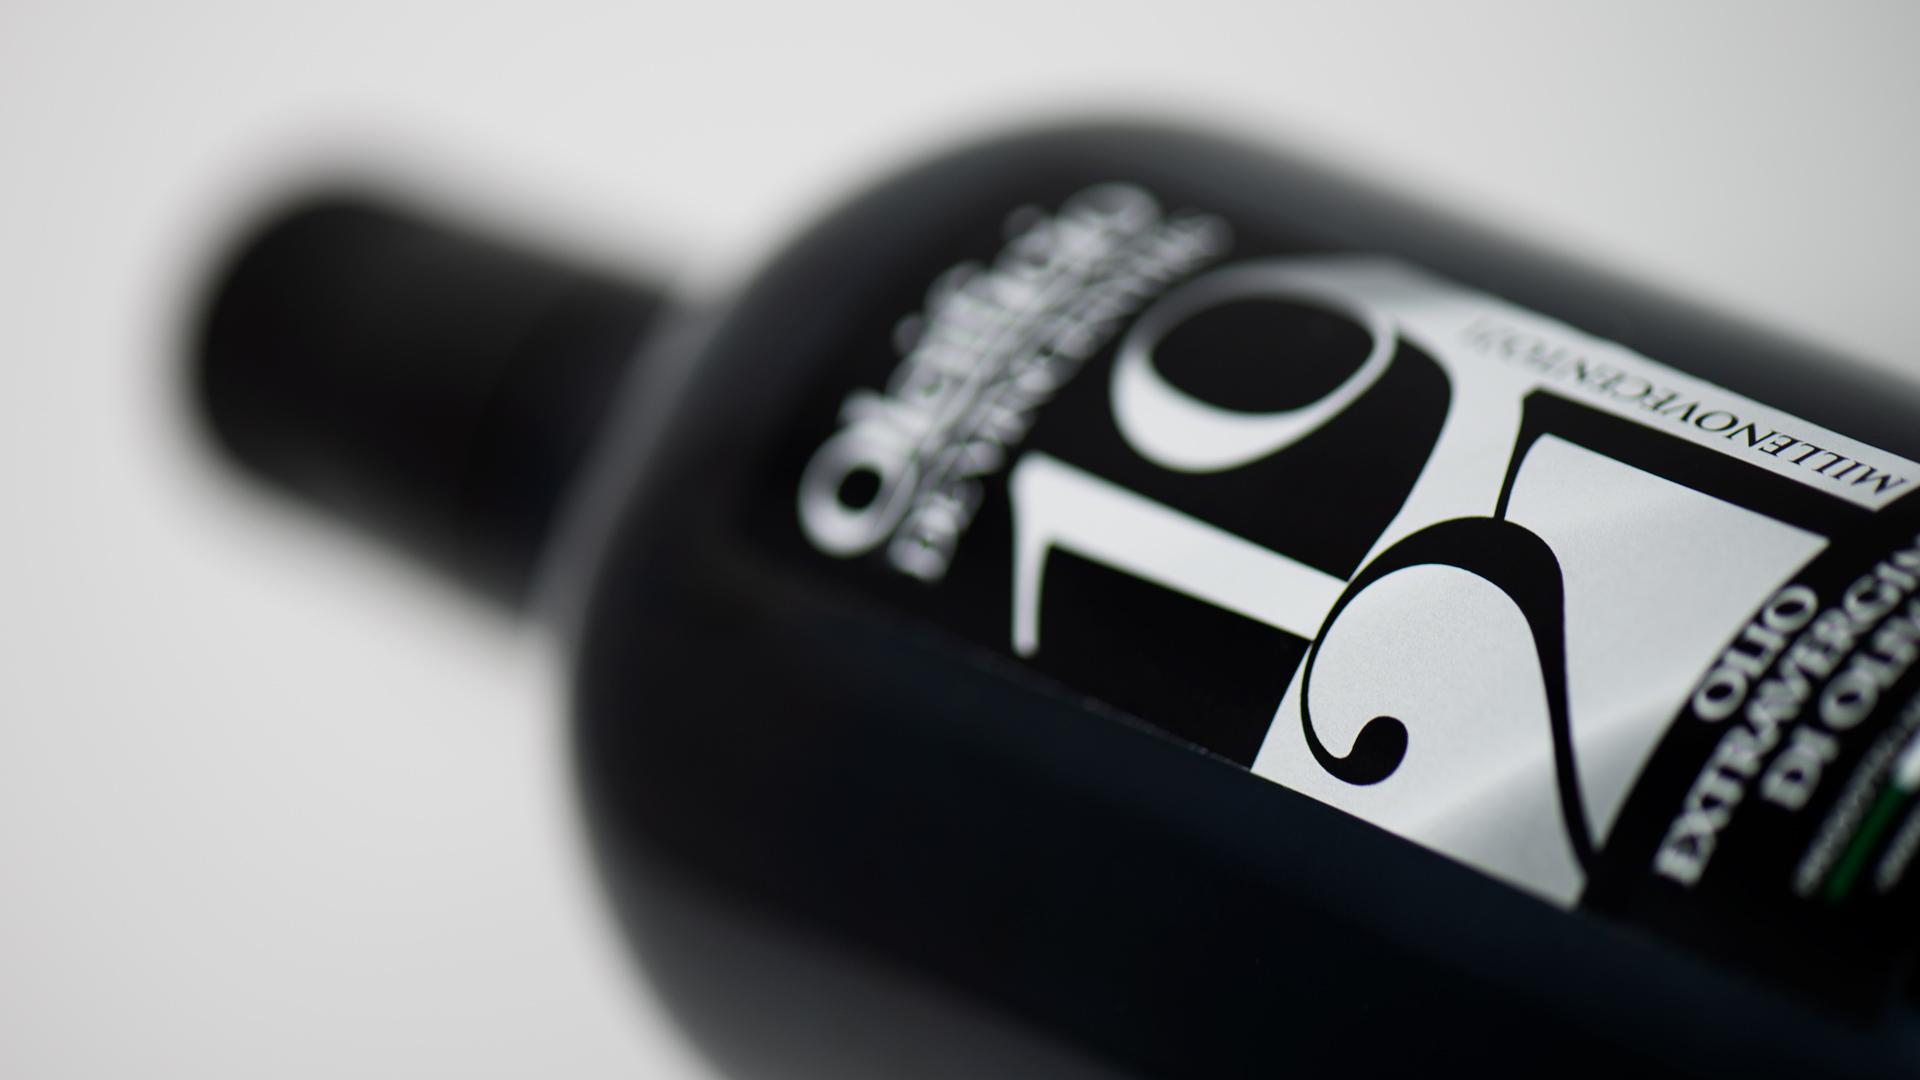 Bottiglia Olio - Oleificio De Vincentiis - Prestigio Abruzzese